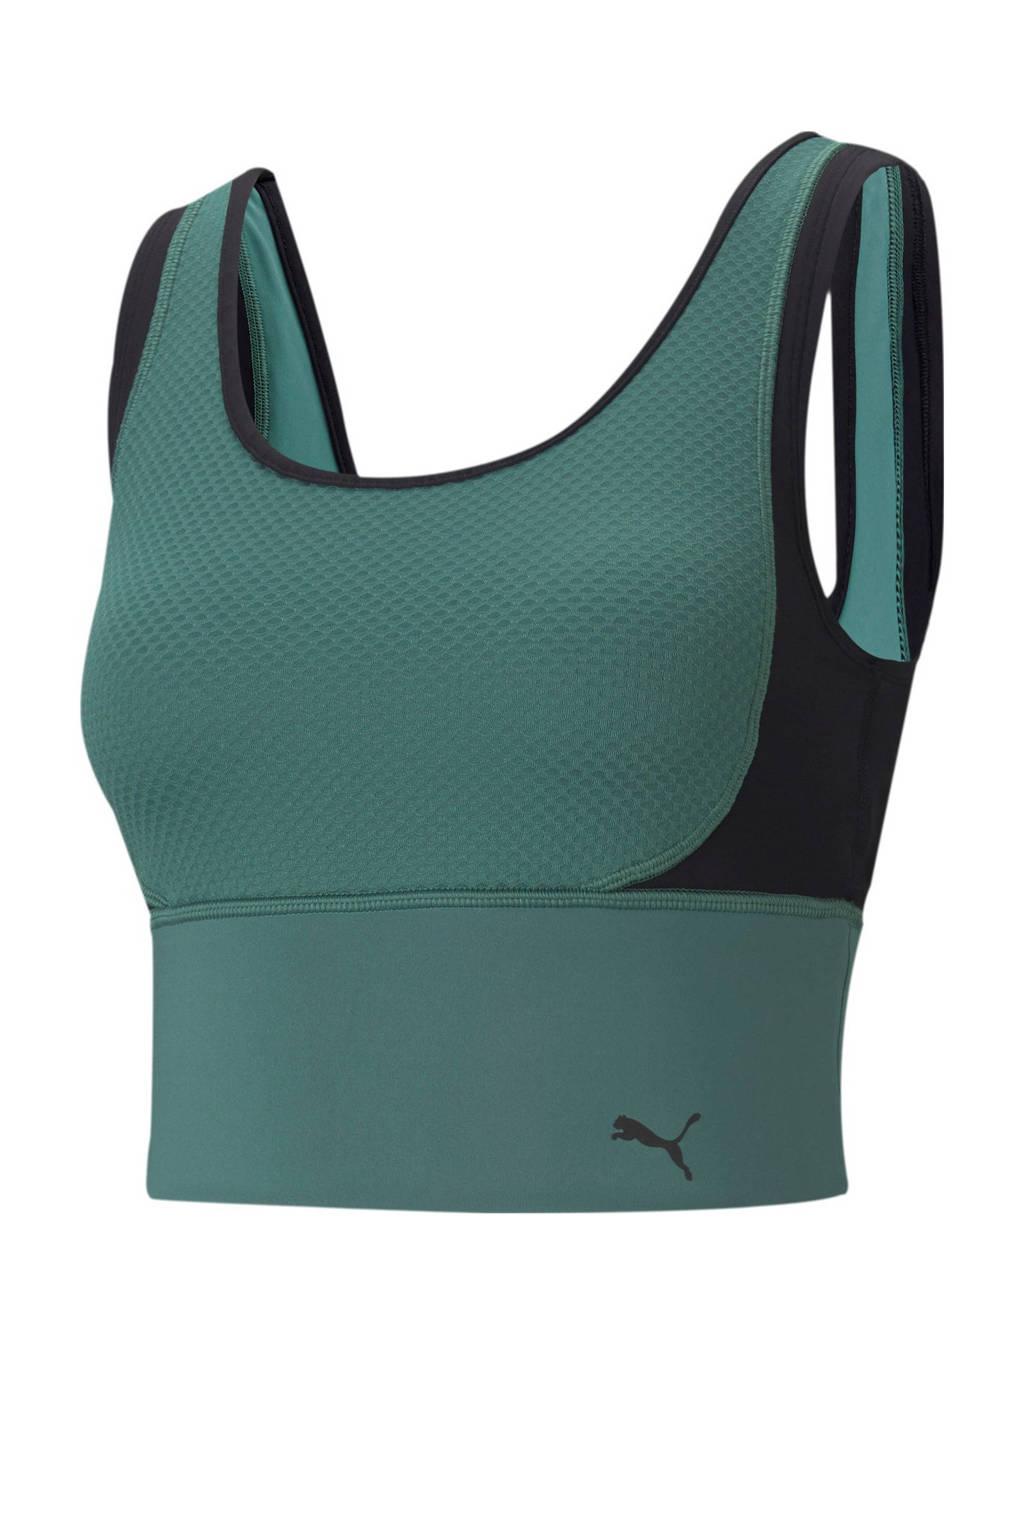 Puma level 1 sportbh groen/zwart, Groen/zwart